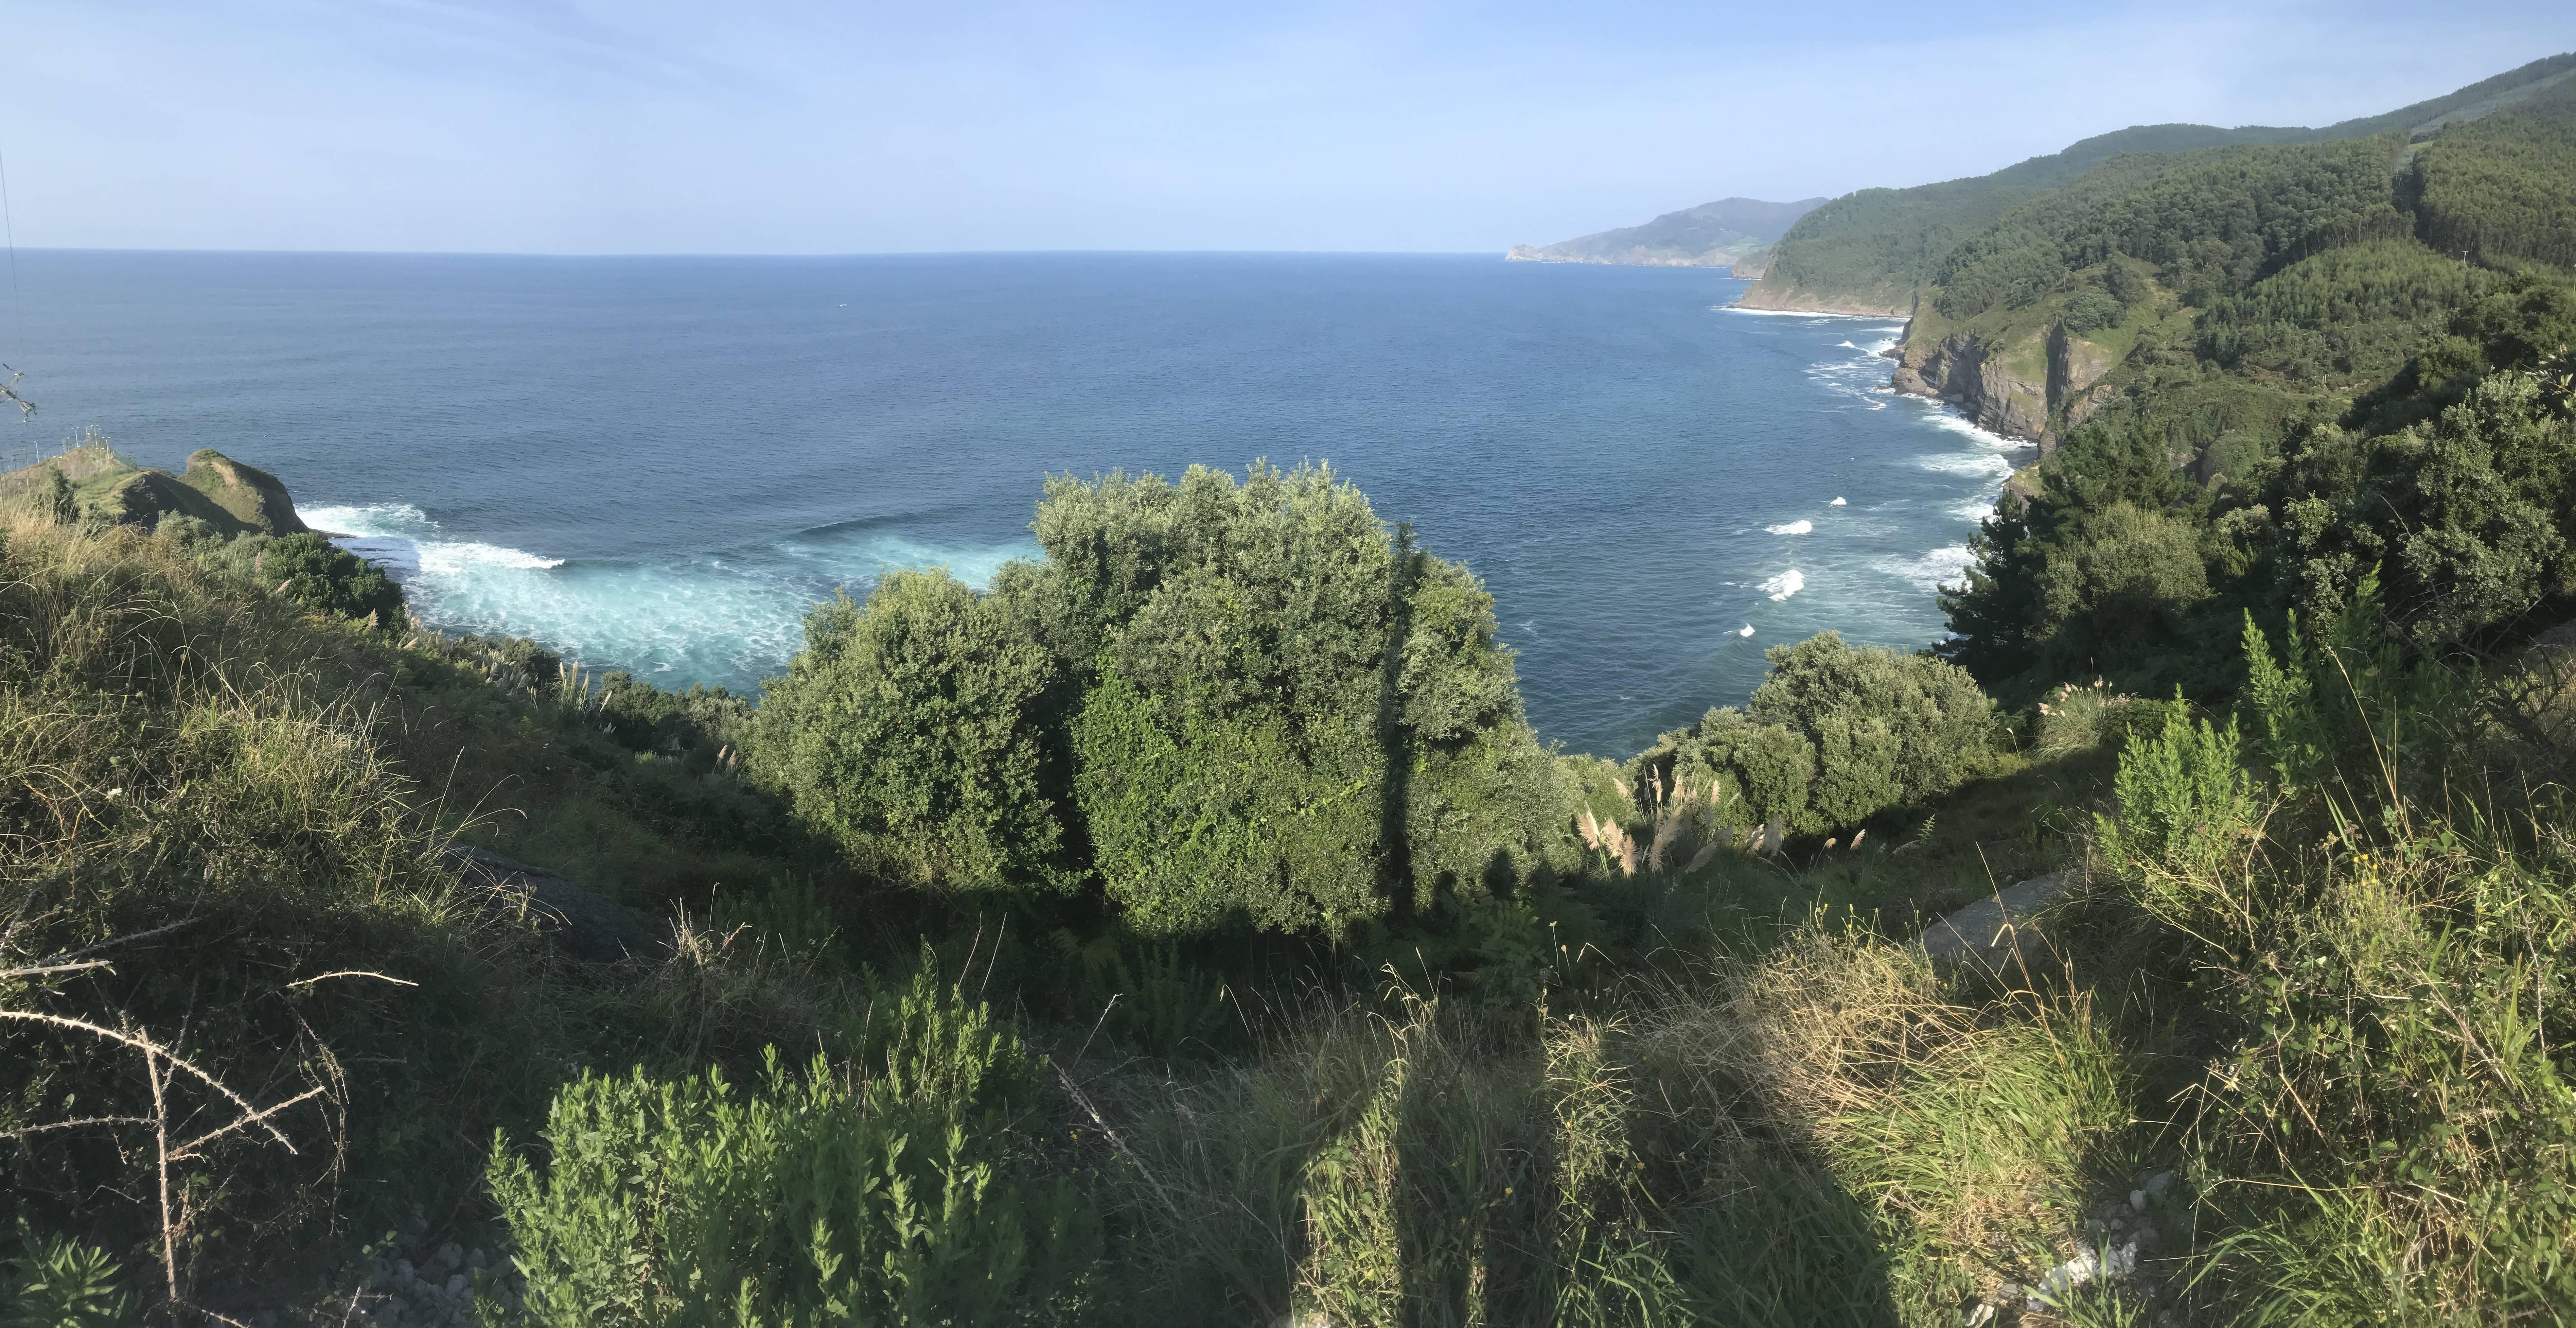 Photo 1: Se laisser guider par la côte basque espagnole : de toute beauté !